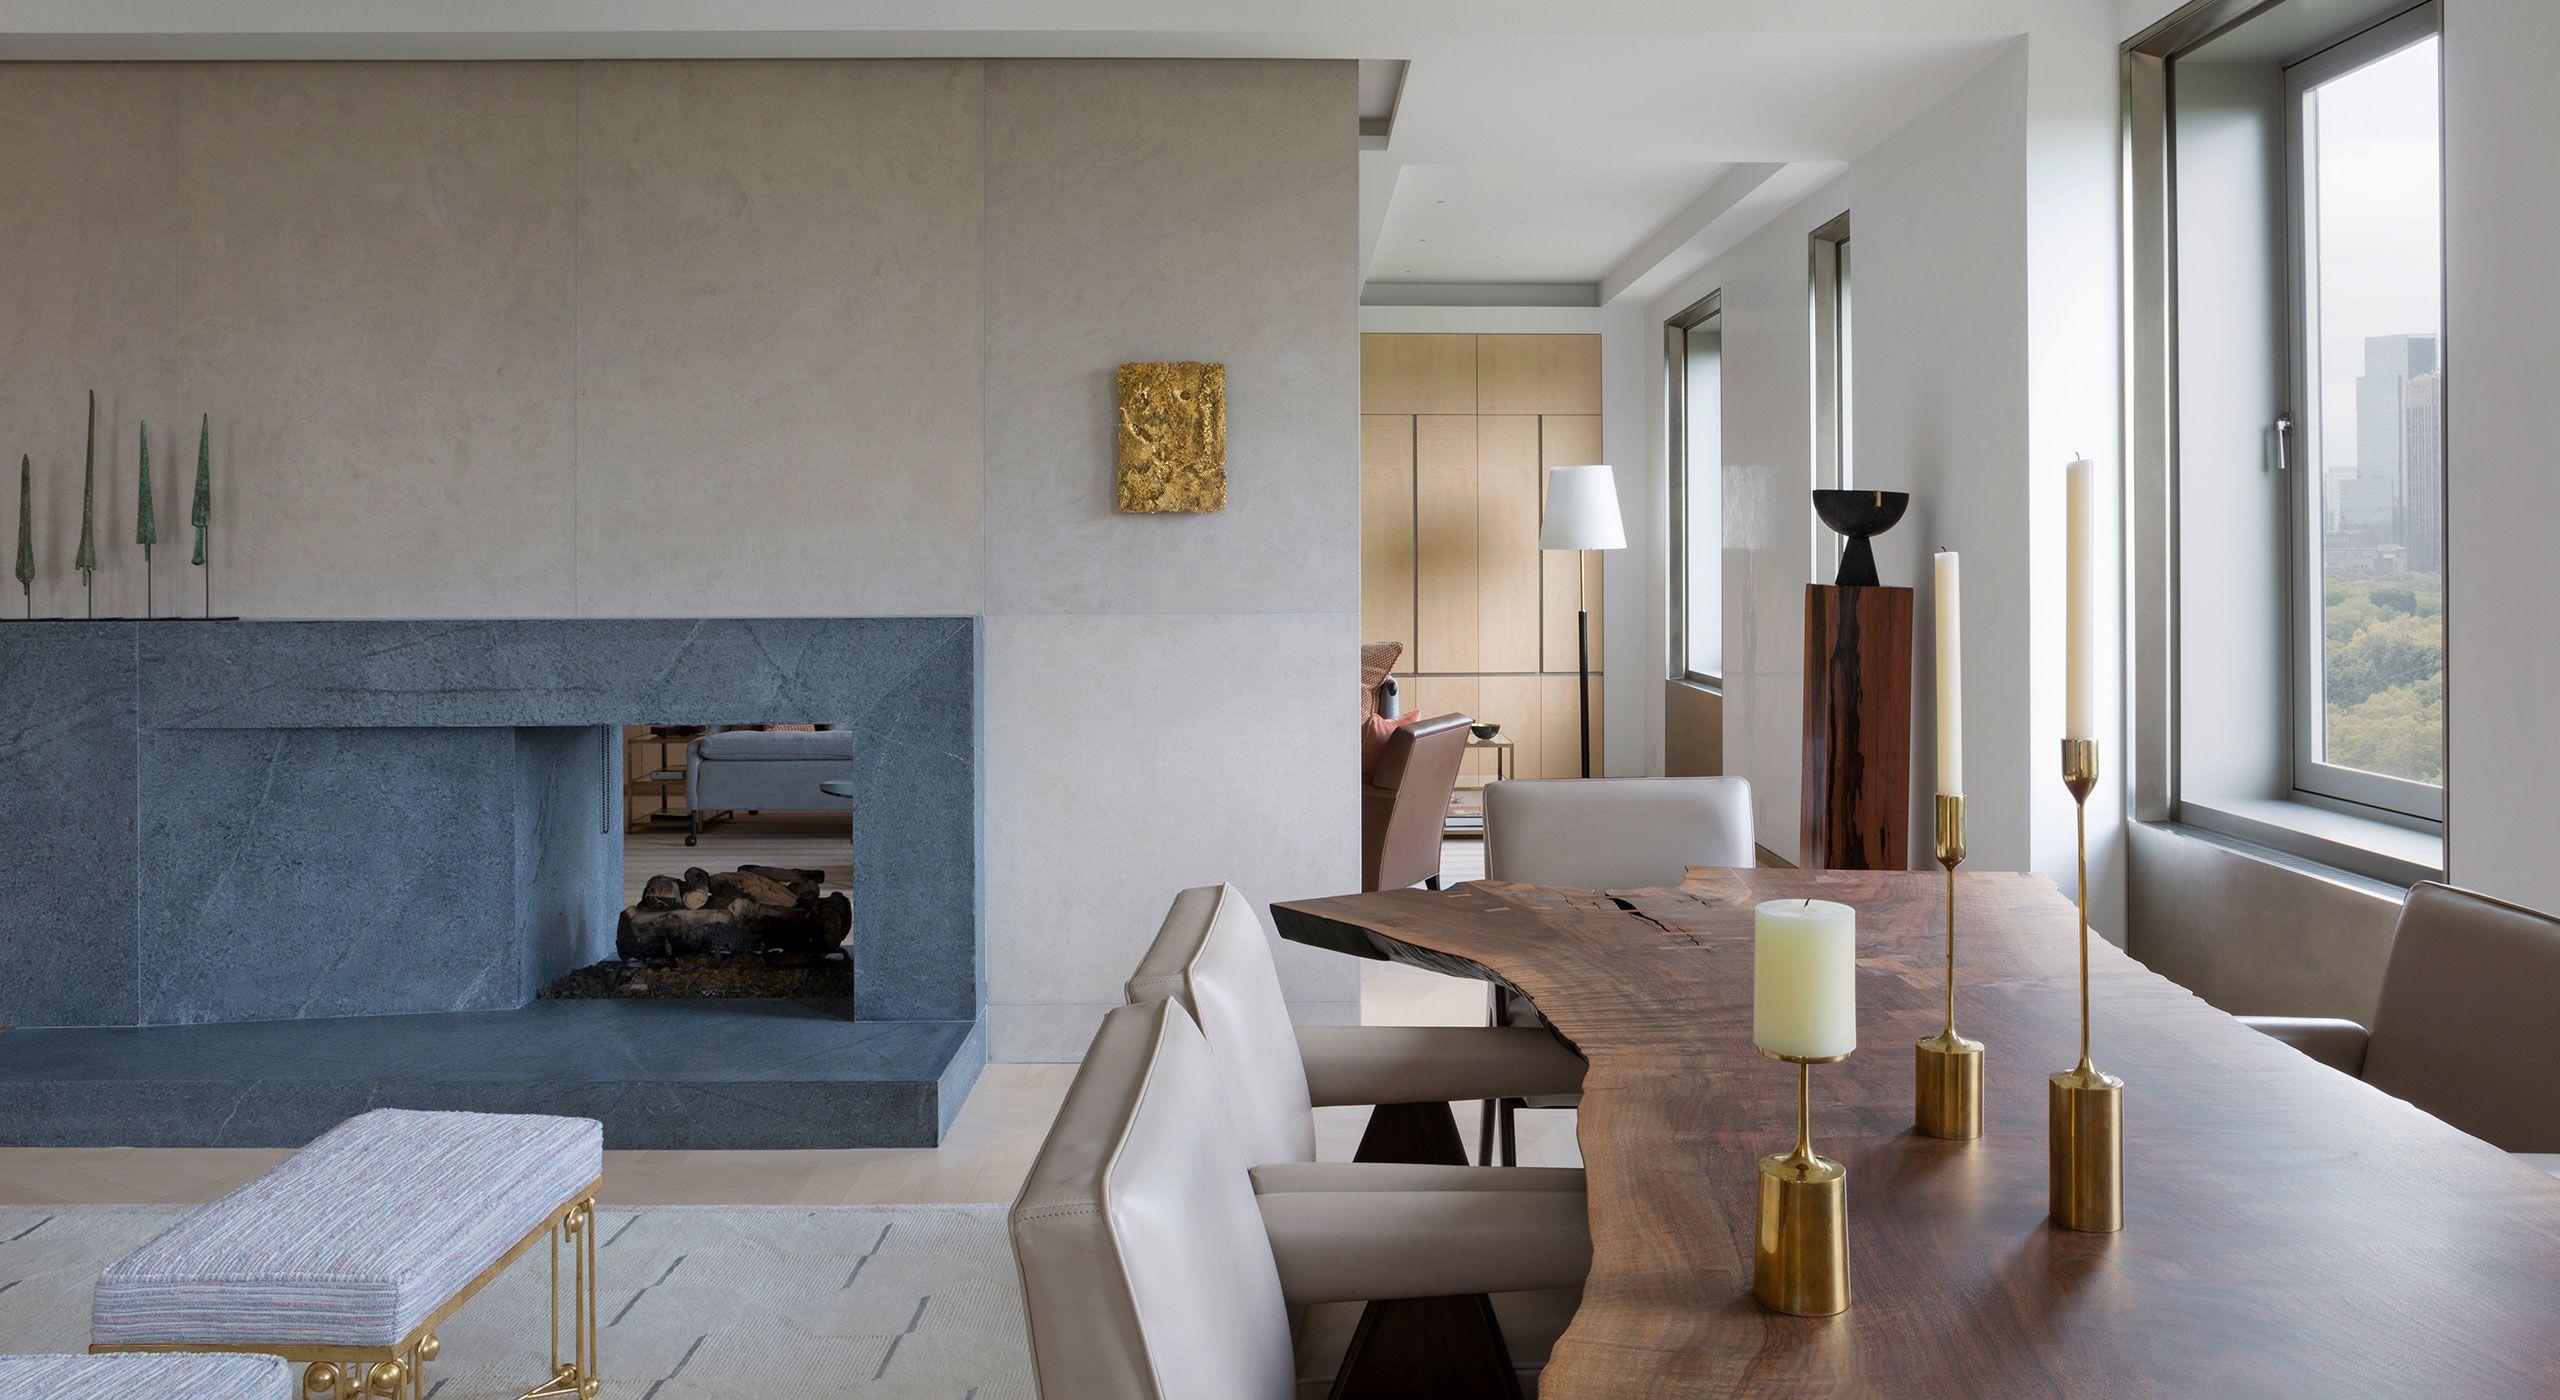 simple classic room design